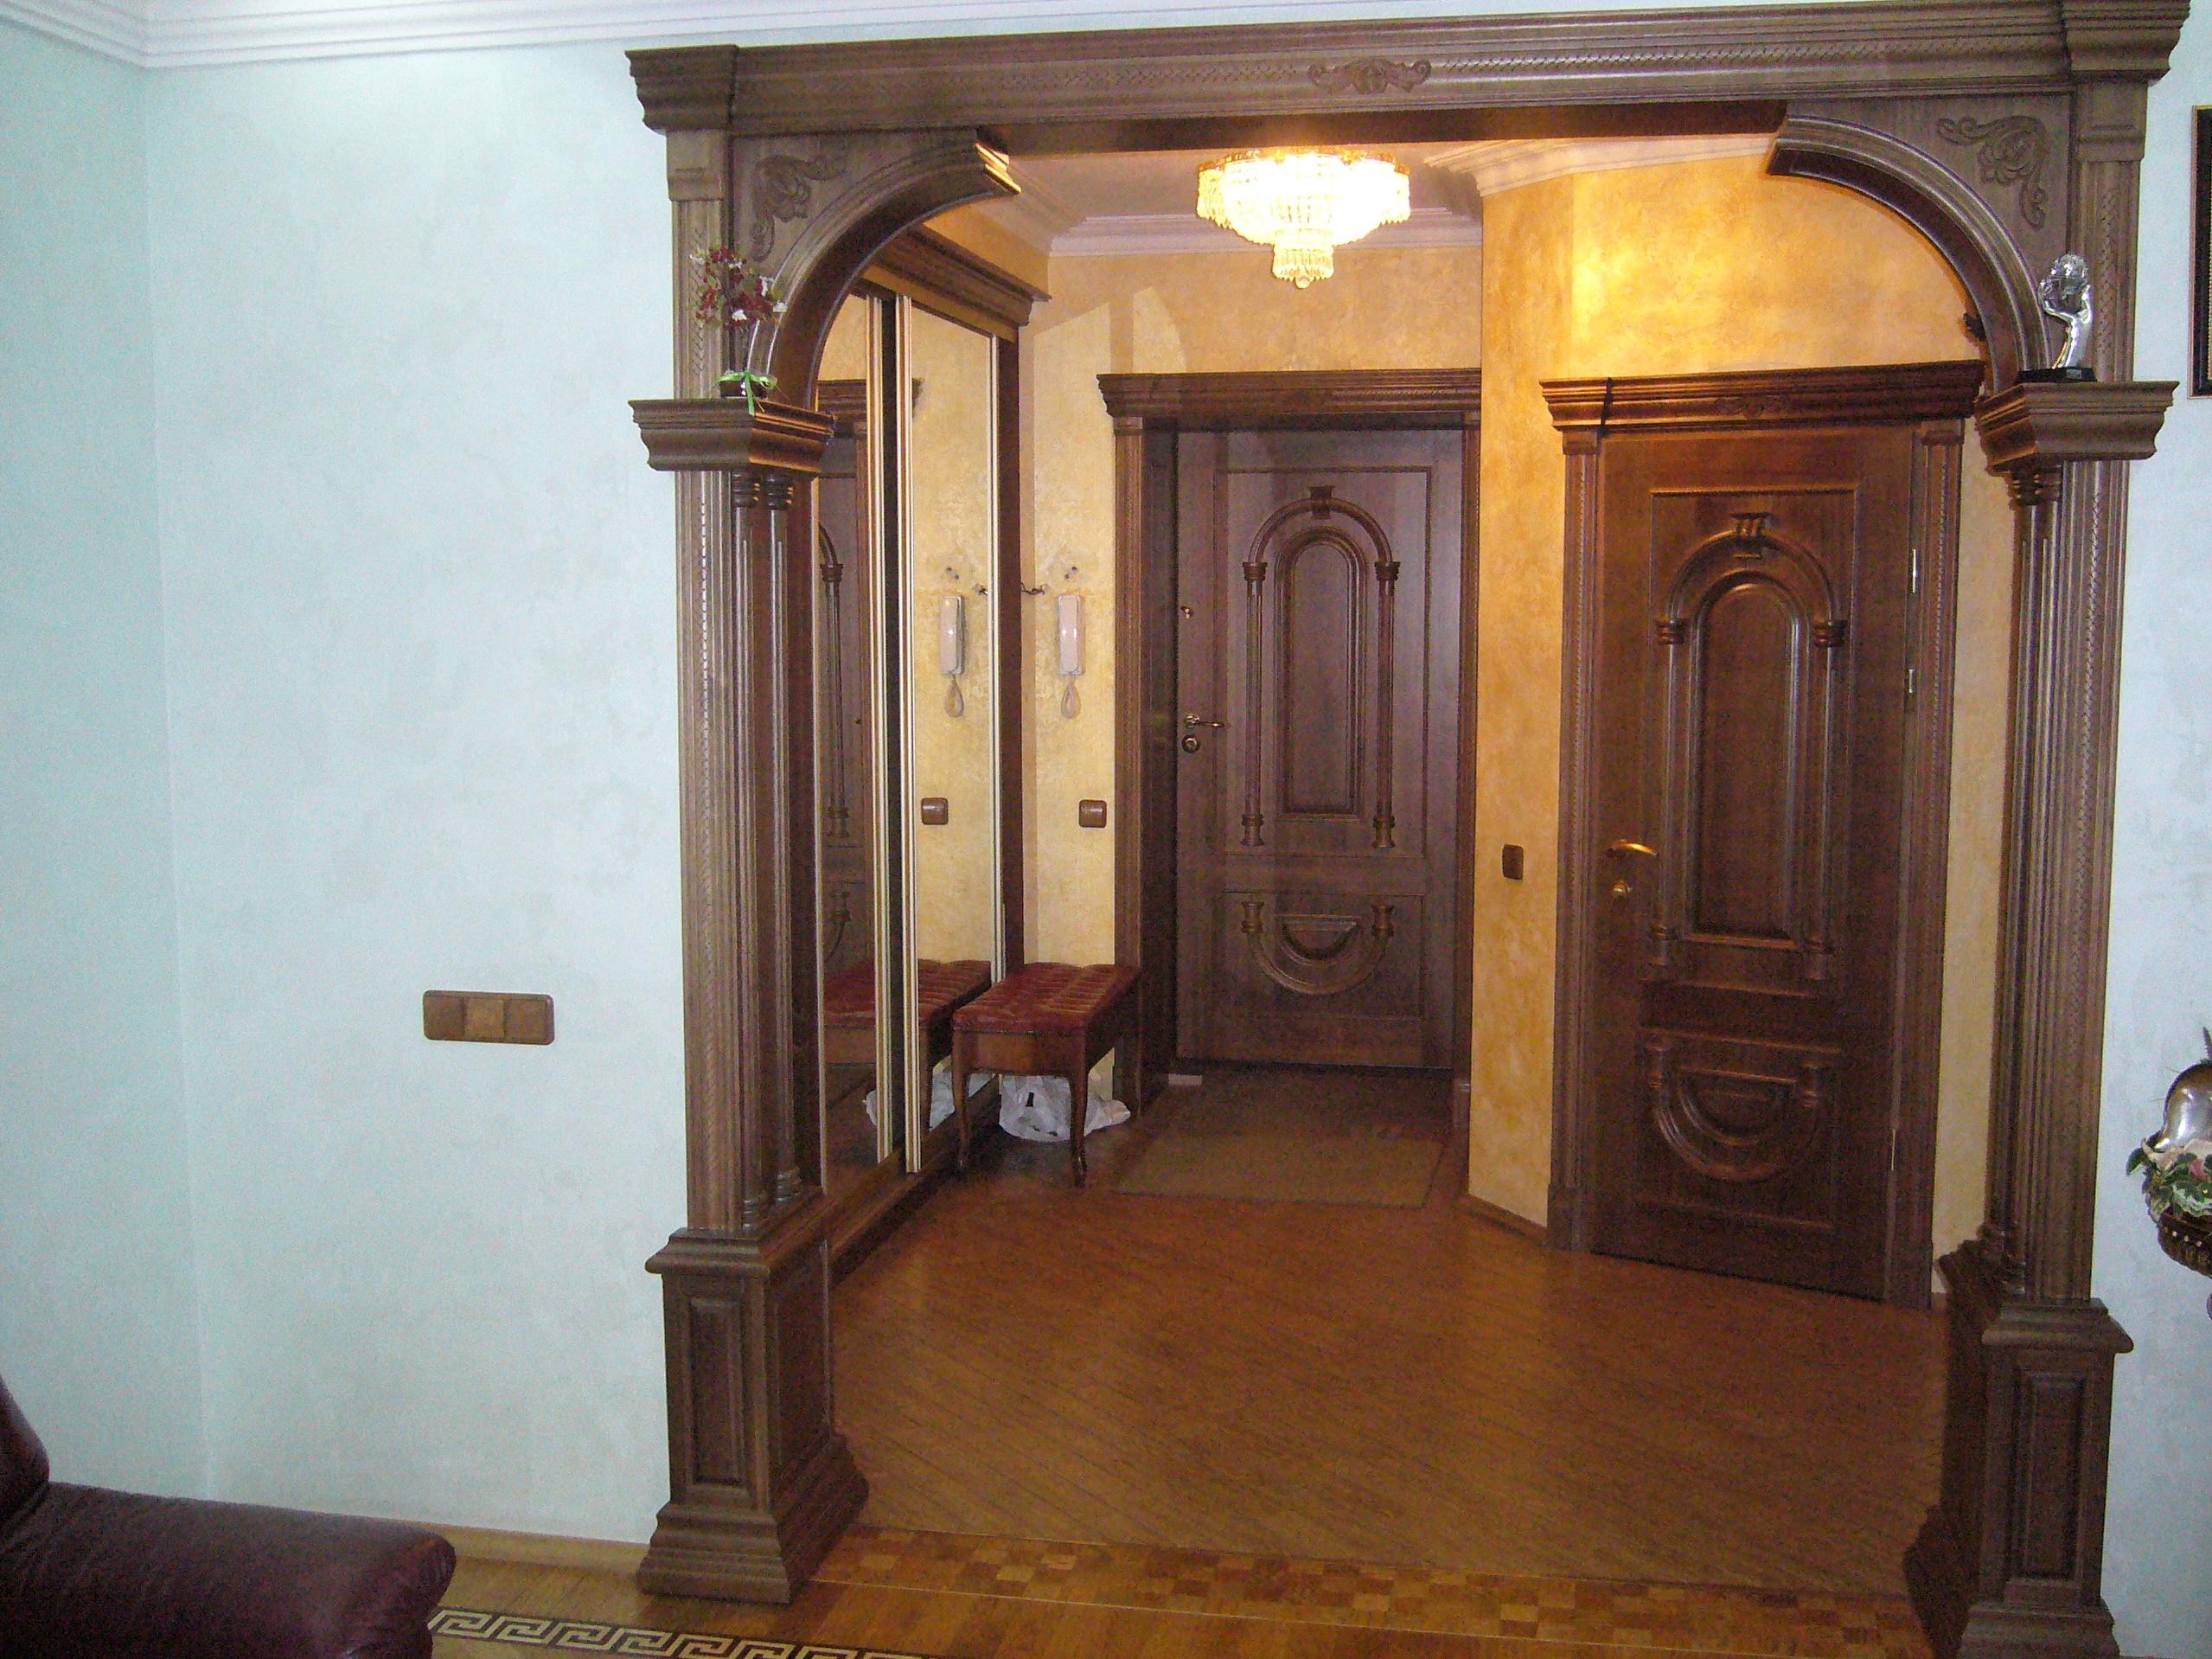 Прямоугольная арка в дверной проем